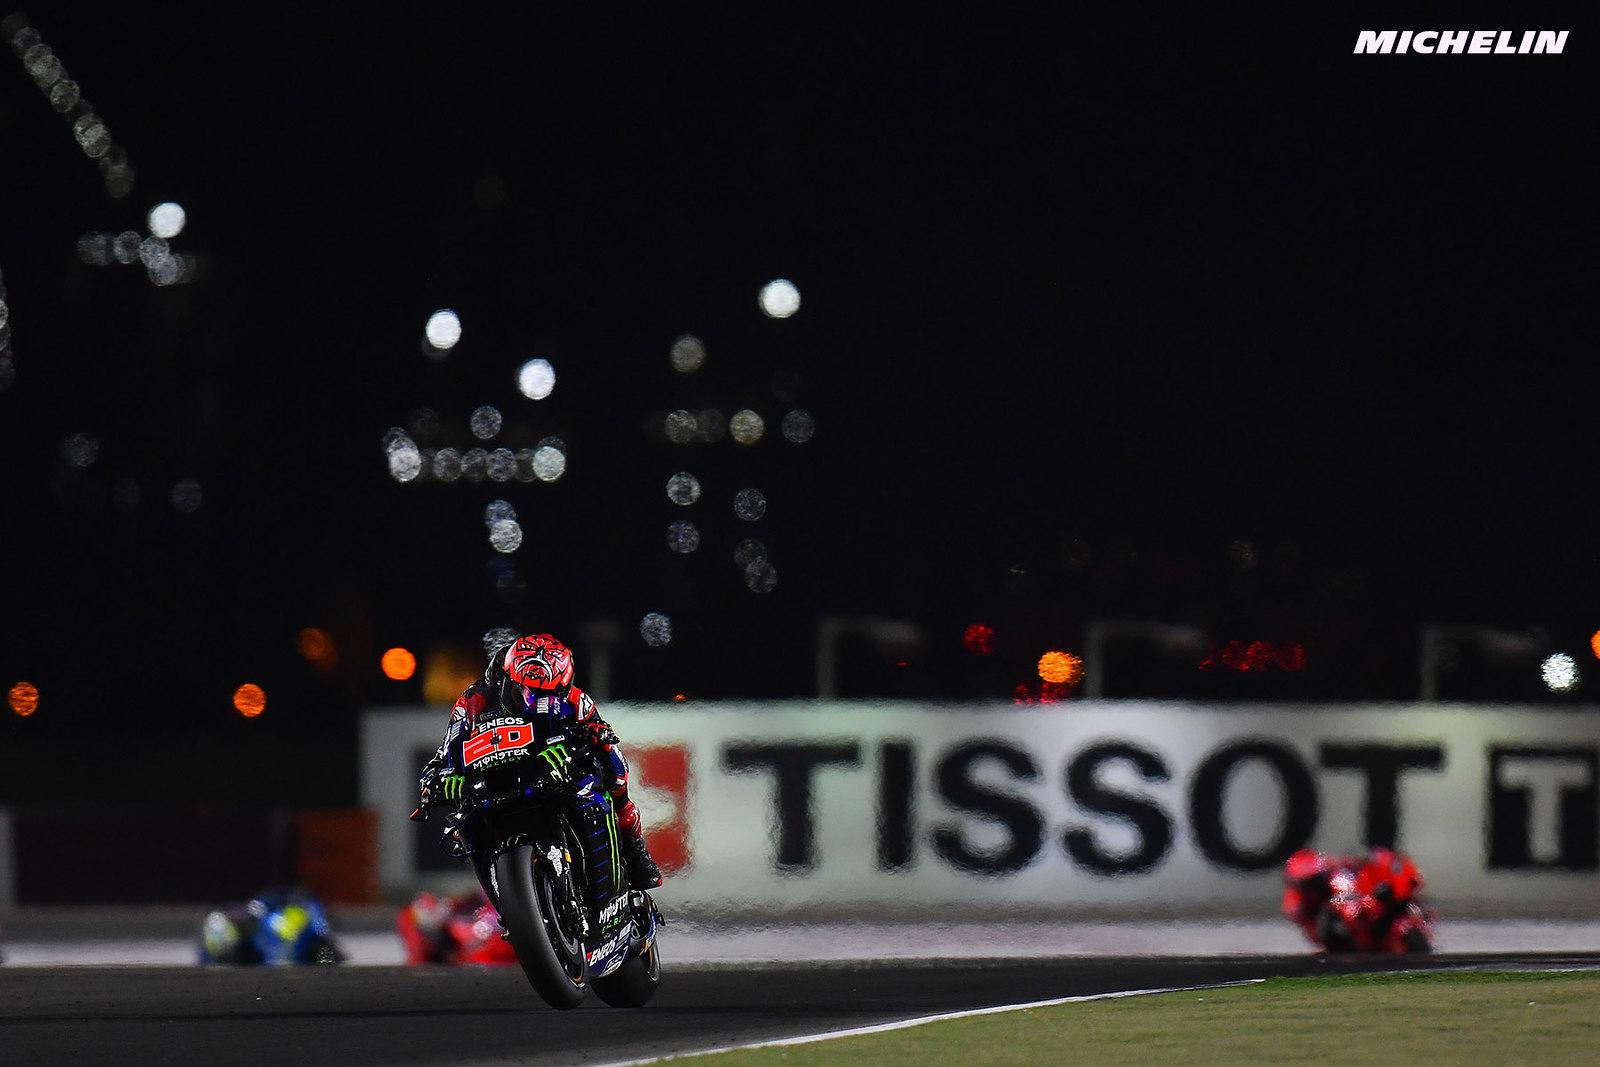 ドーハGP優勝 ファビオ・クアルタラロ「今回の優勝は戦略をしっかり練って掴んだもの」